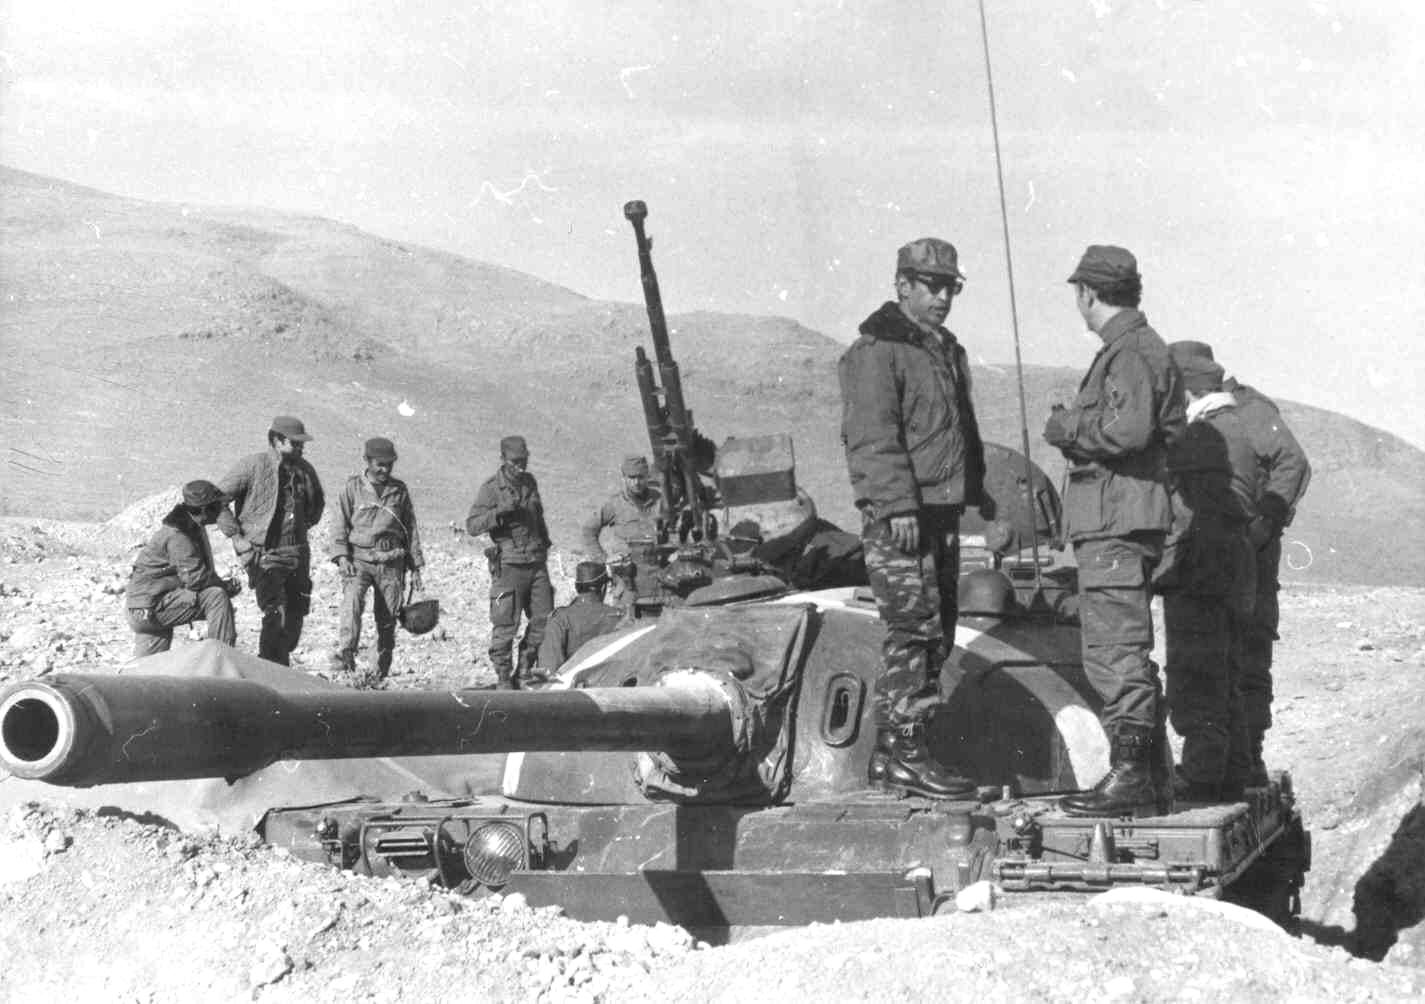 les FAR dans la Guerre d'octobre 1973 - Page 3 49326134052_79c3046162_o_d